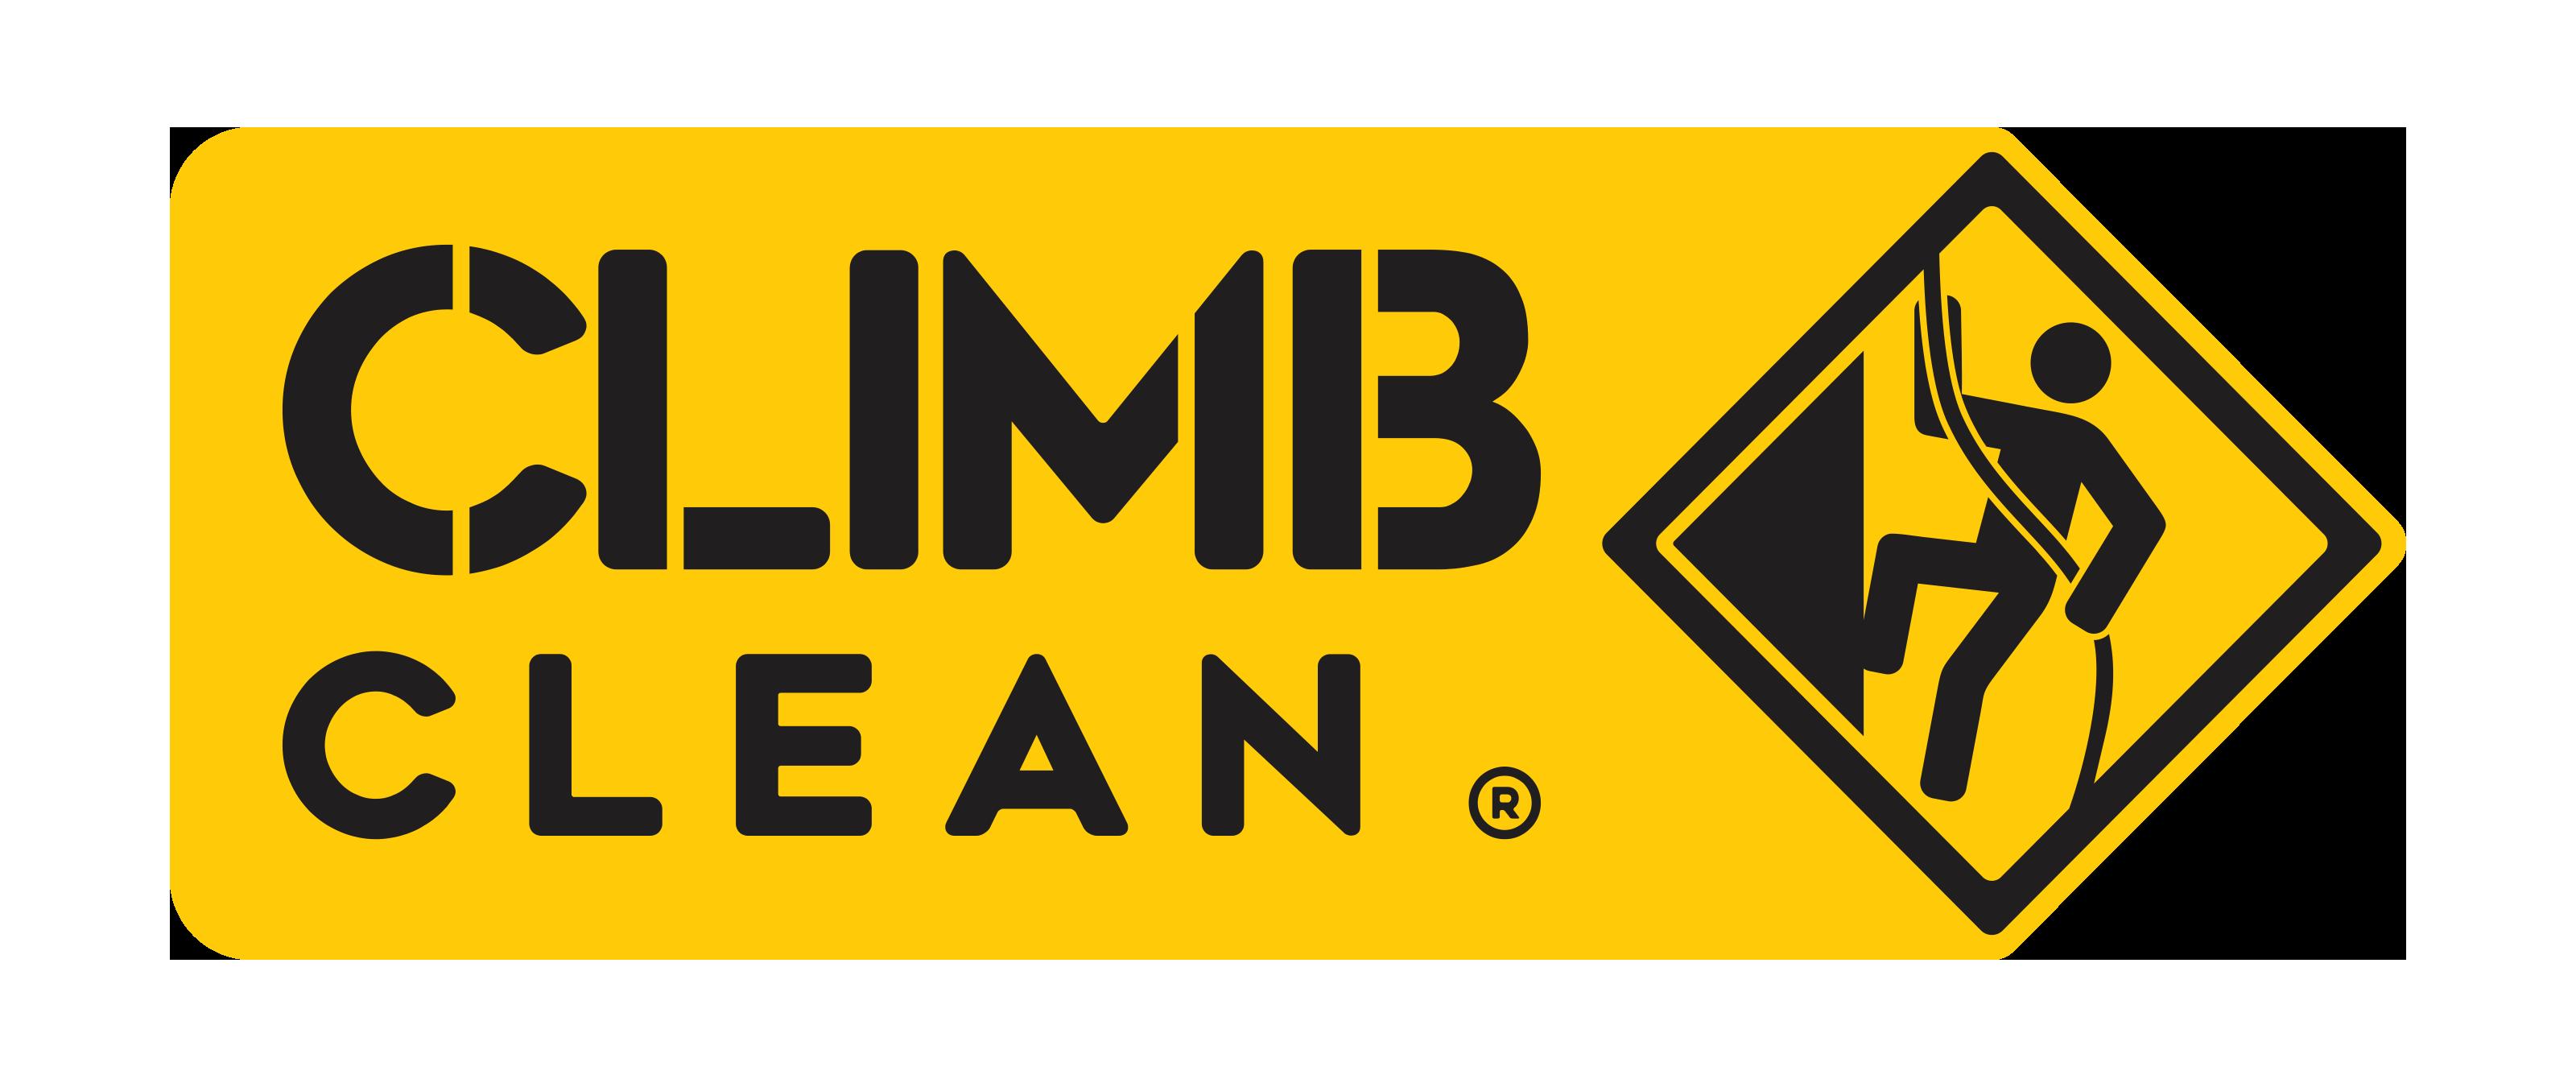 Climb Clean Serviços e Equipamentos Ltda.